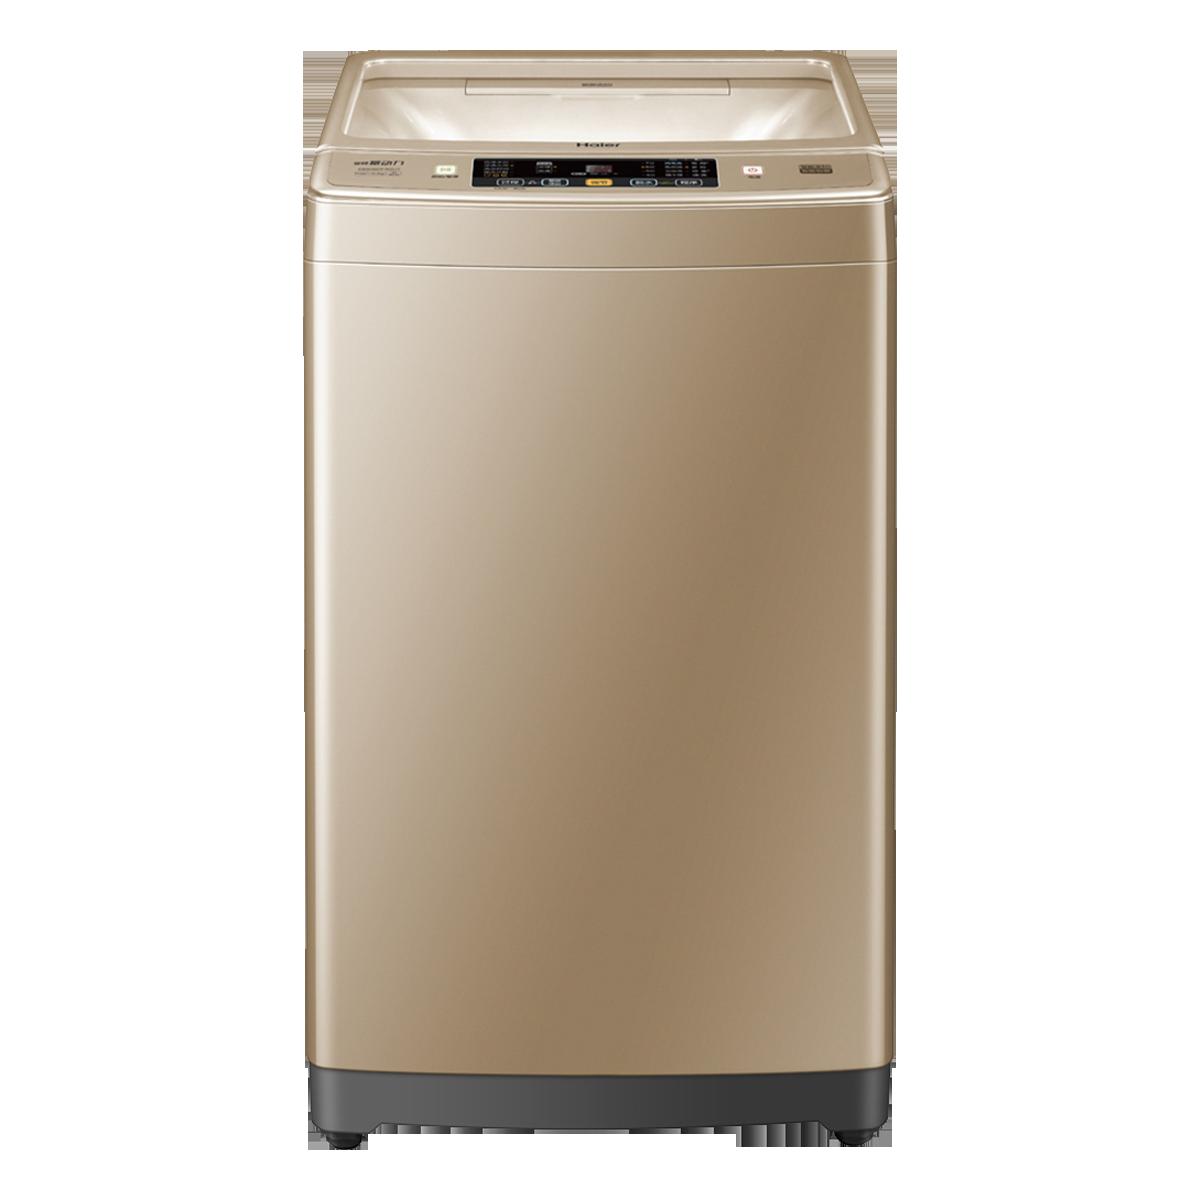 海尔Haier洗衣机 EB80BDF9GU1 说明书